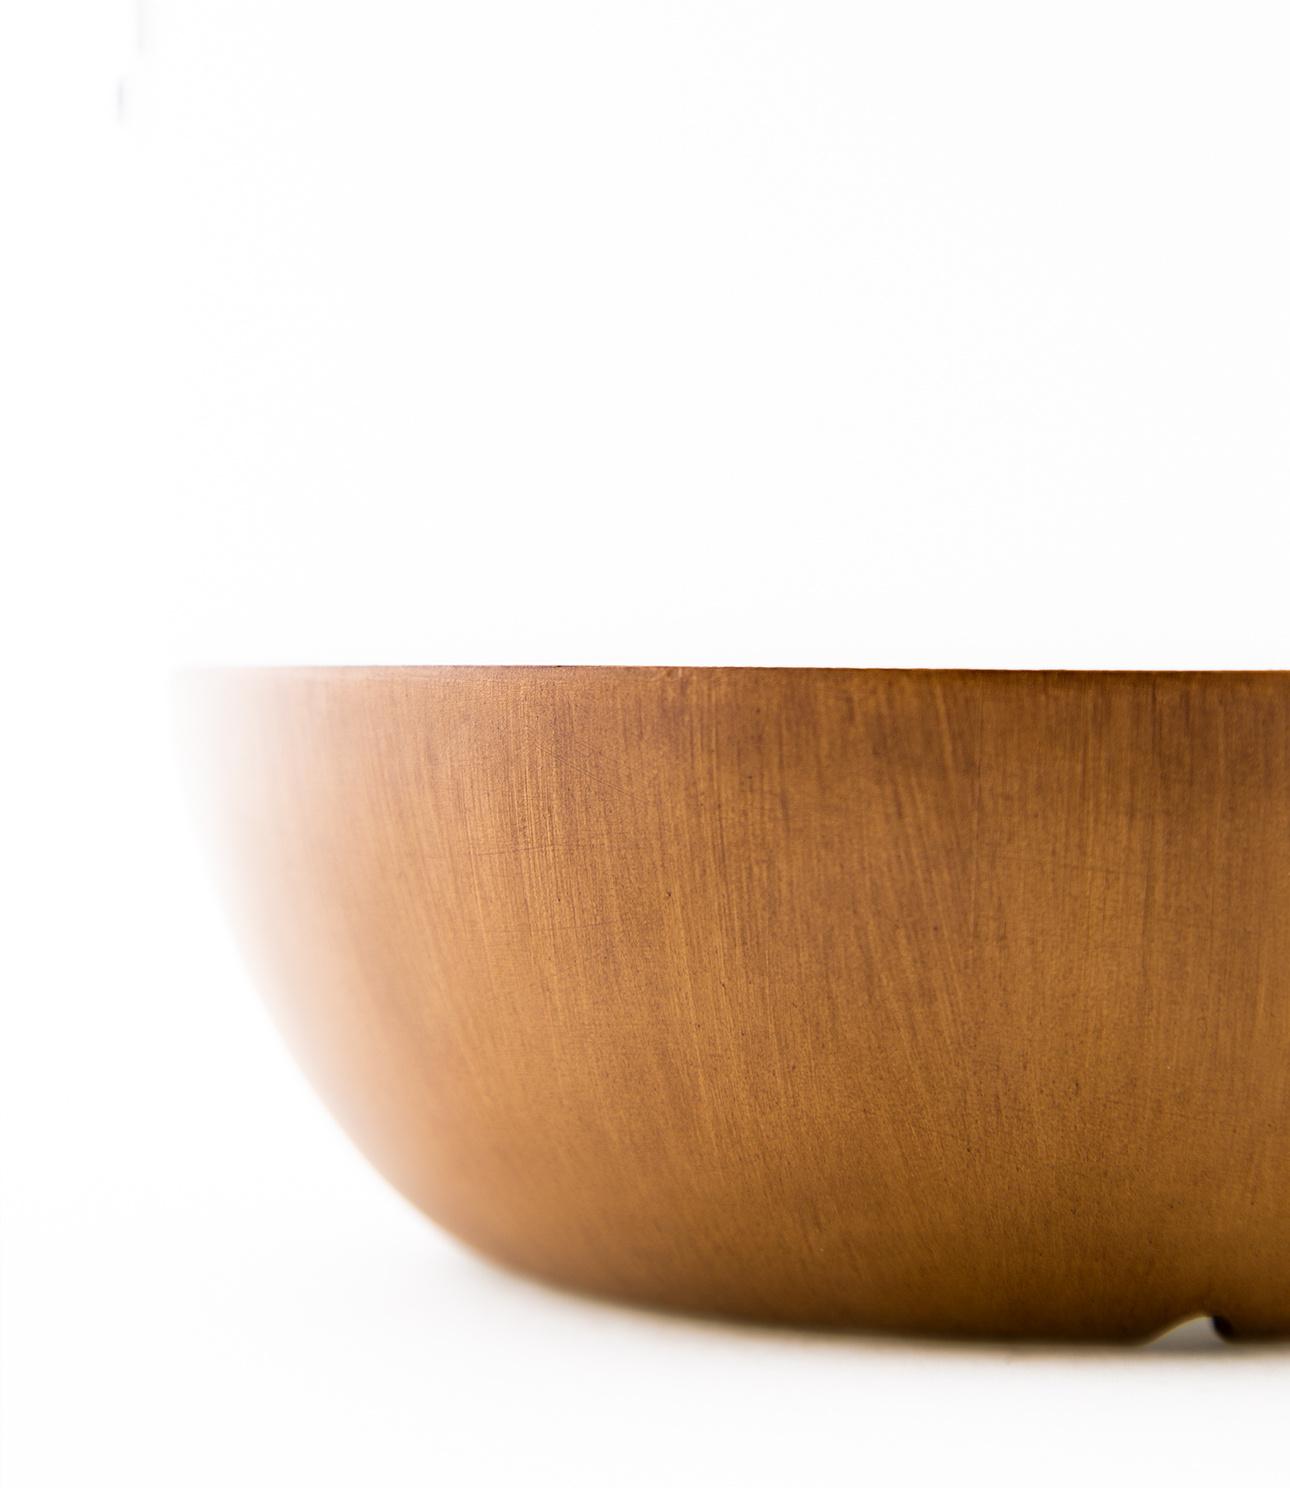 Tischlampe im Freien Pine + Lautsprecher Walnuss-9